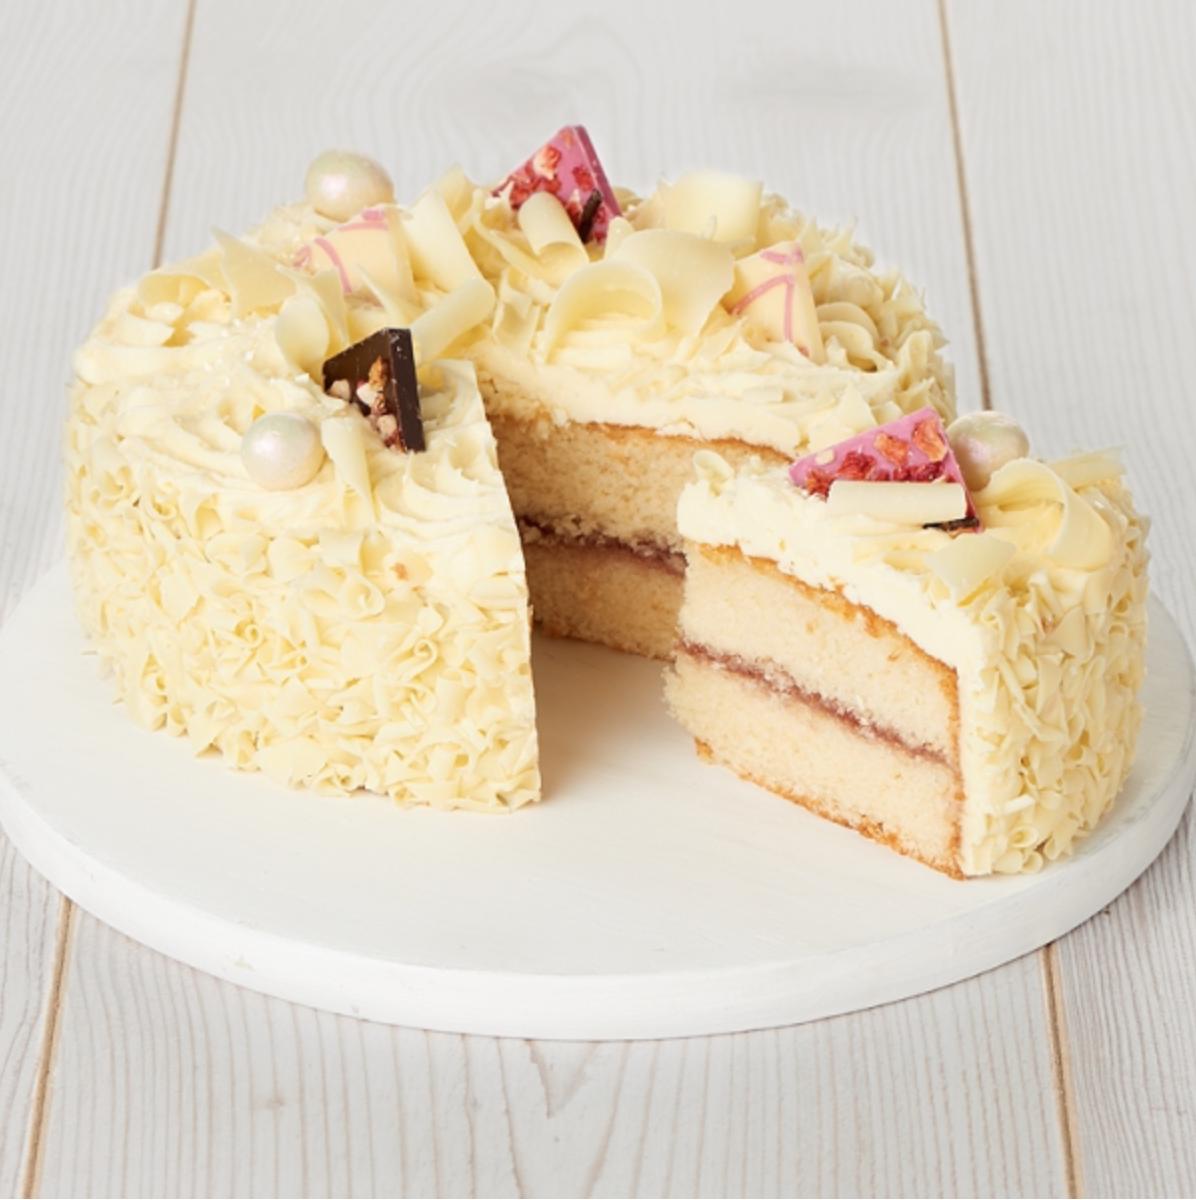 Sainsbury's white chocolate cake